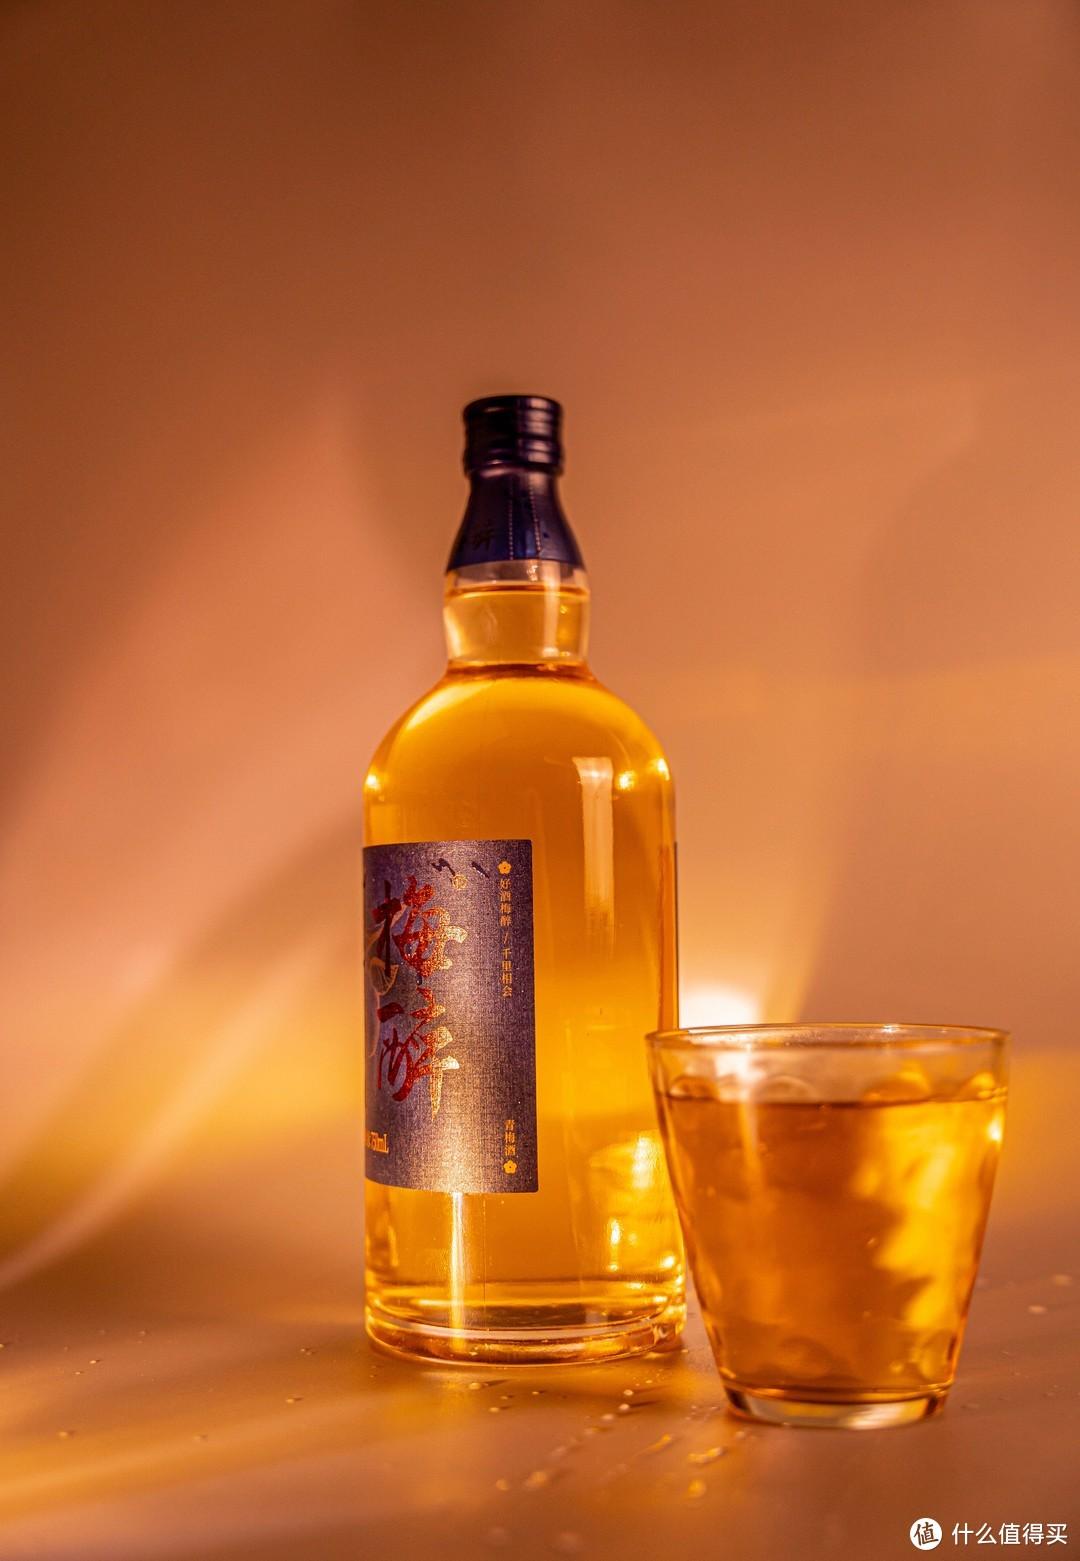 夏日朋友小聚新选择,梅醉の青梅酒带来的是微醺清凉的美妙时光